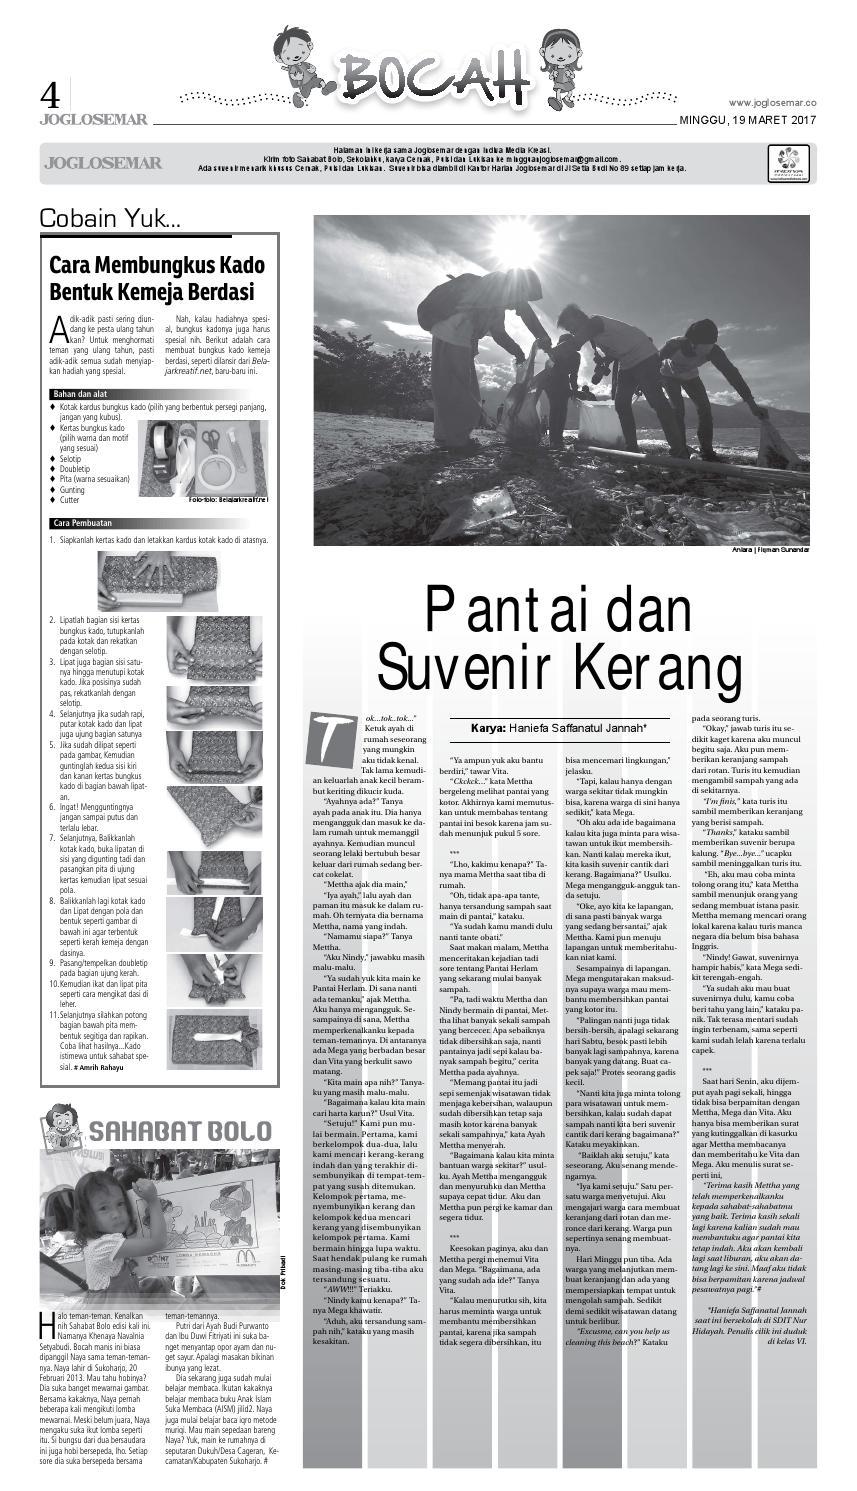 E Paper 19 Maret 2017 By PT Joglosemar Prima Media Issuu